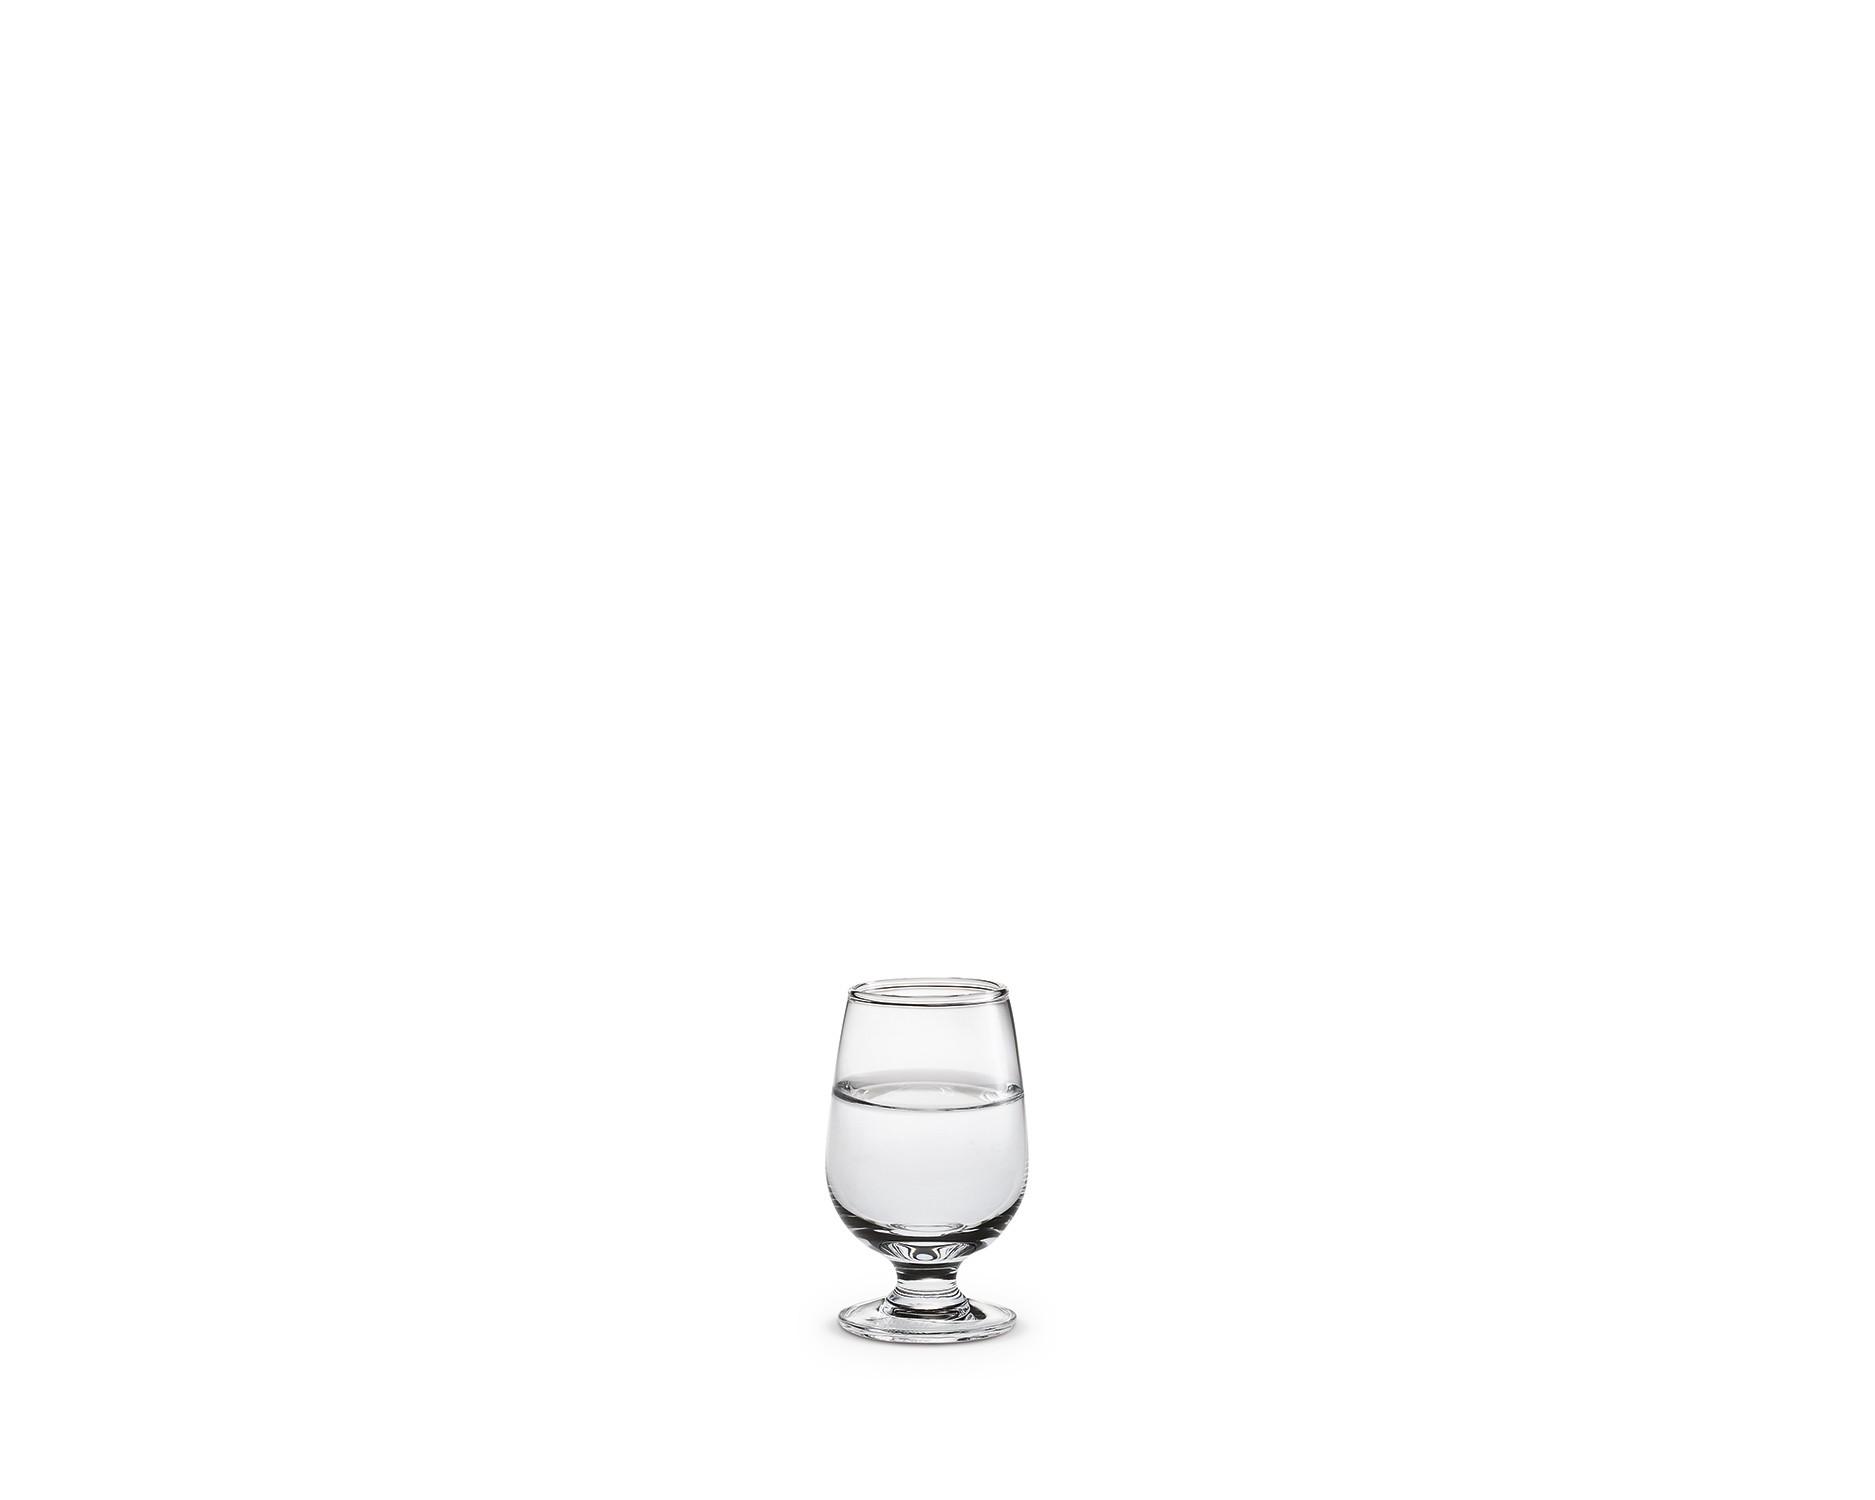 Holmegaard Det Danske Schnapsglas 2er Set 5cl